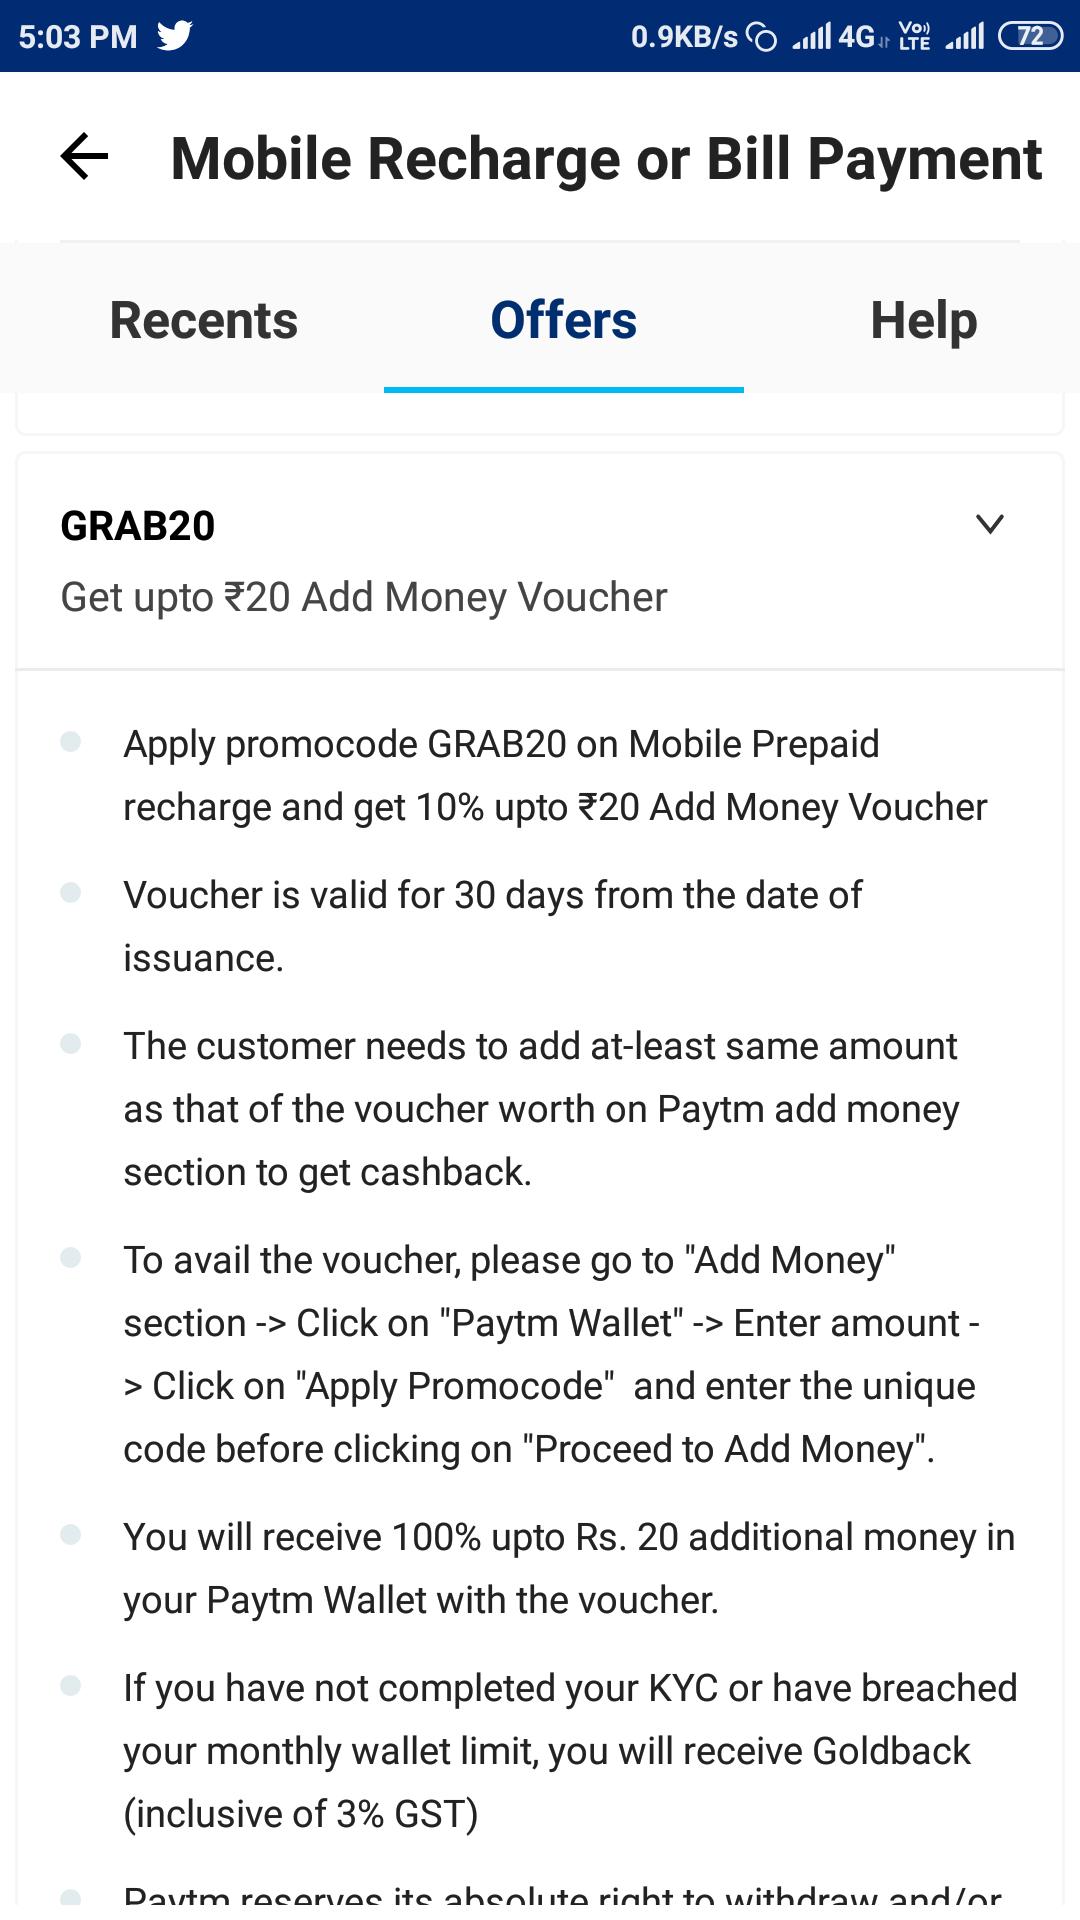 new promo code- GRAB20 TO ADD MONEY | DesiDime